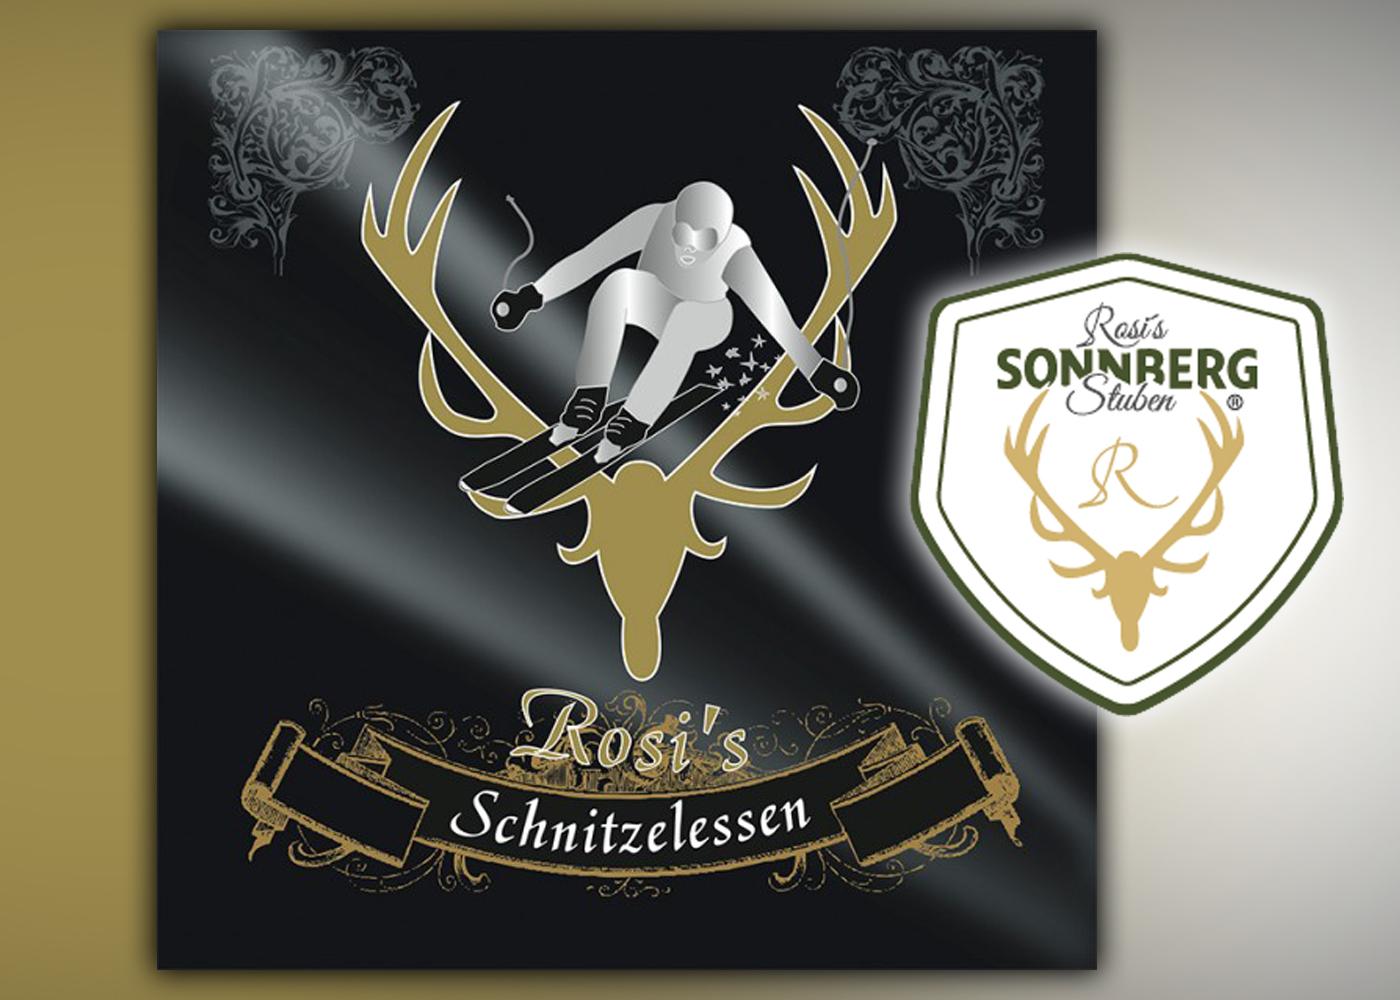 Salzburg-Cityguide - Eventfoto - ok_rosis_schnitzelessen_2019.jpg